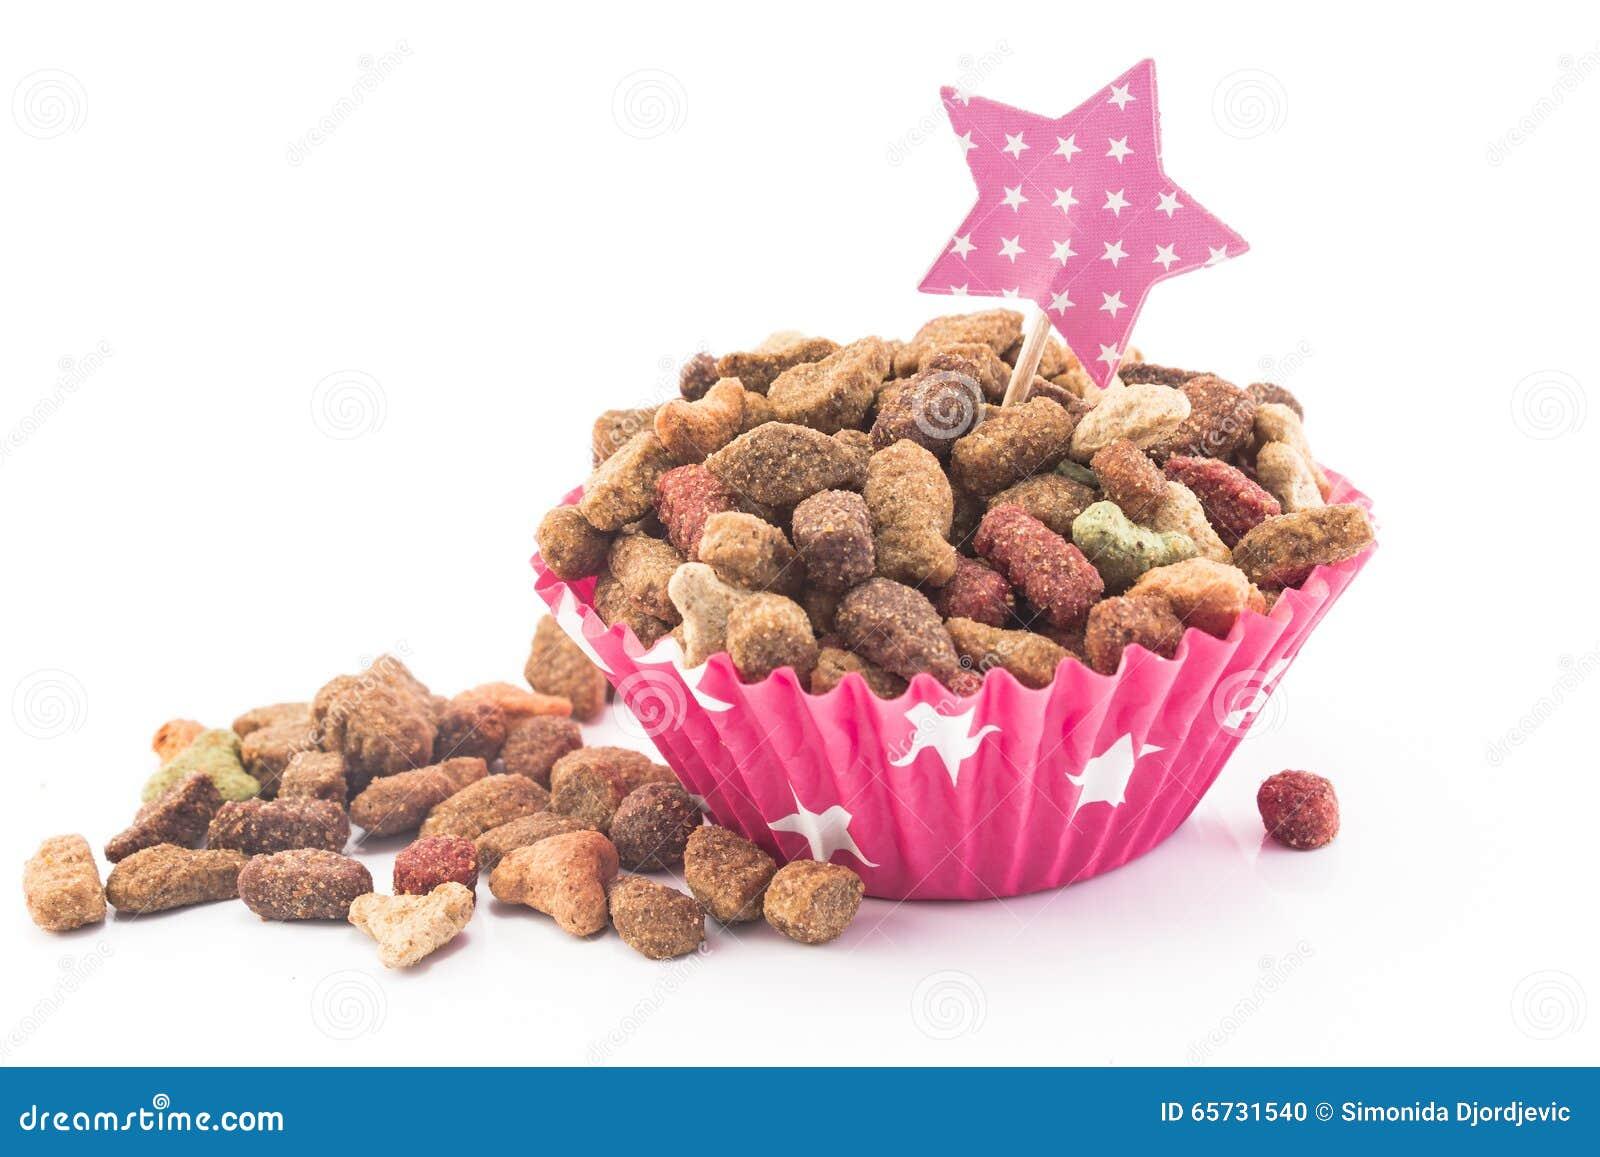 Aliments pour chats sous forme de petit gâteau